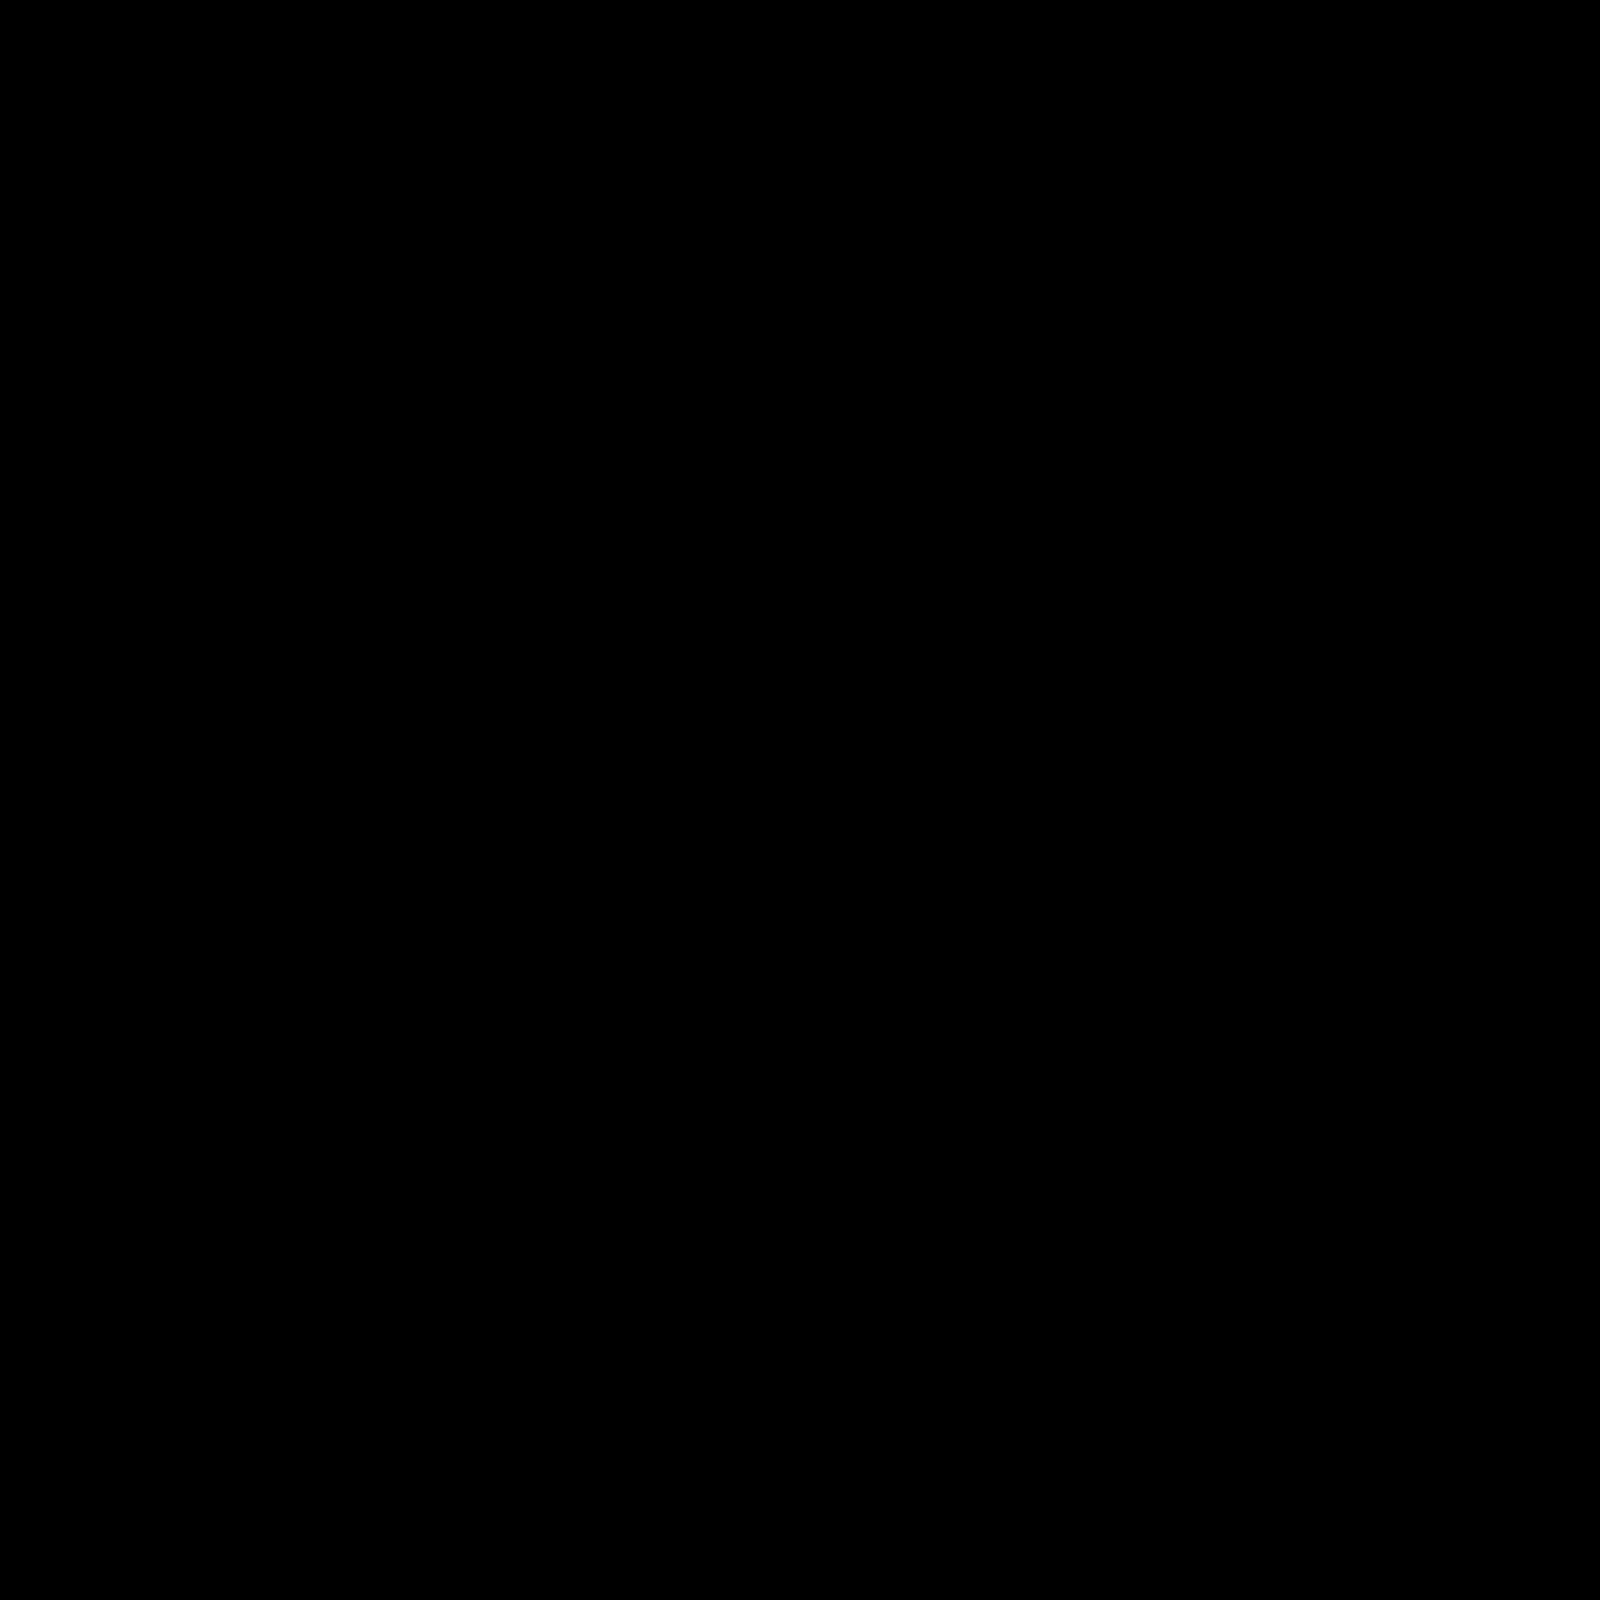 单反相机 icon. There is a square with curved edges. On the top of the square there are two areas that protrude. There is also a circle inside the square to depict a camera lens as well as a small dot in the upper right corner.